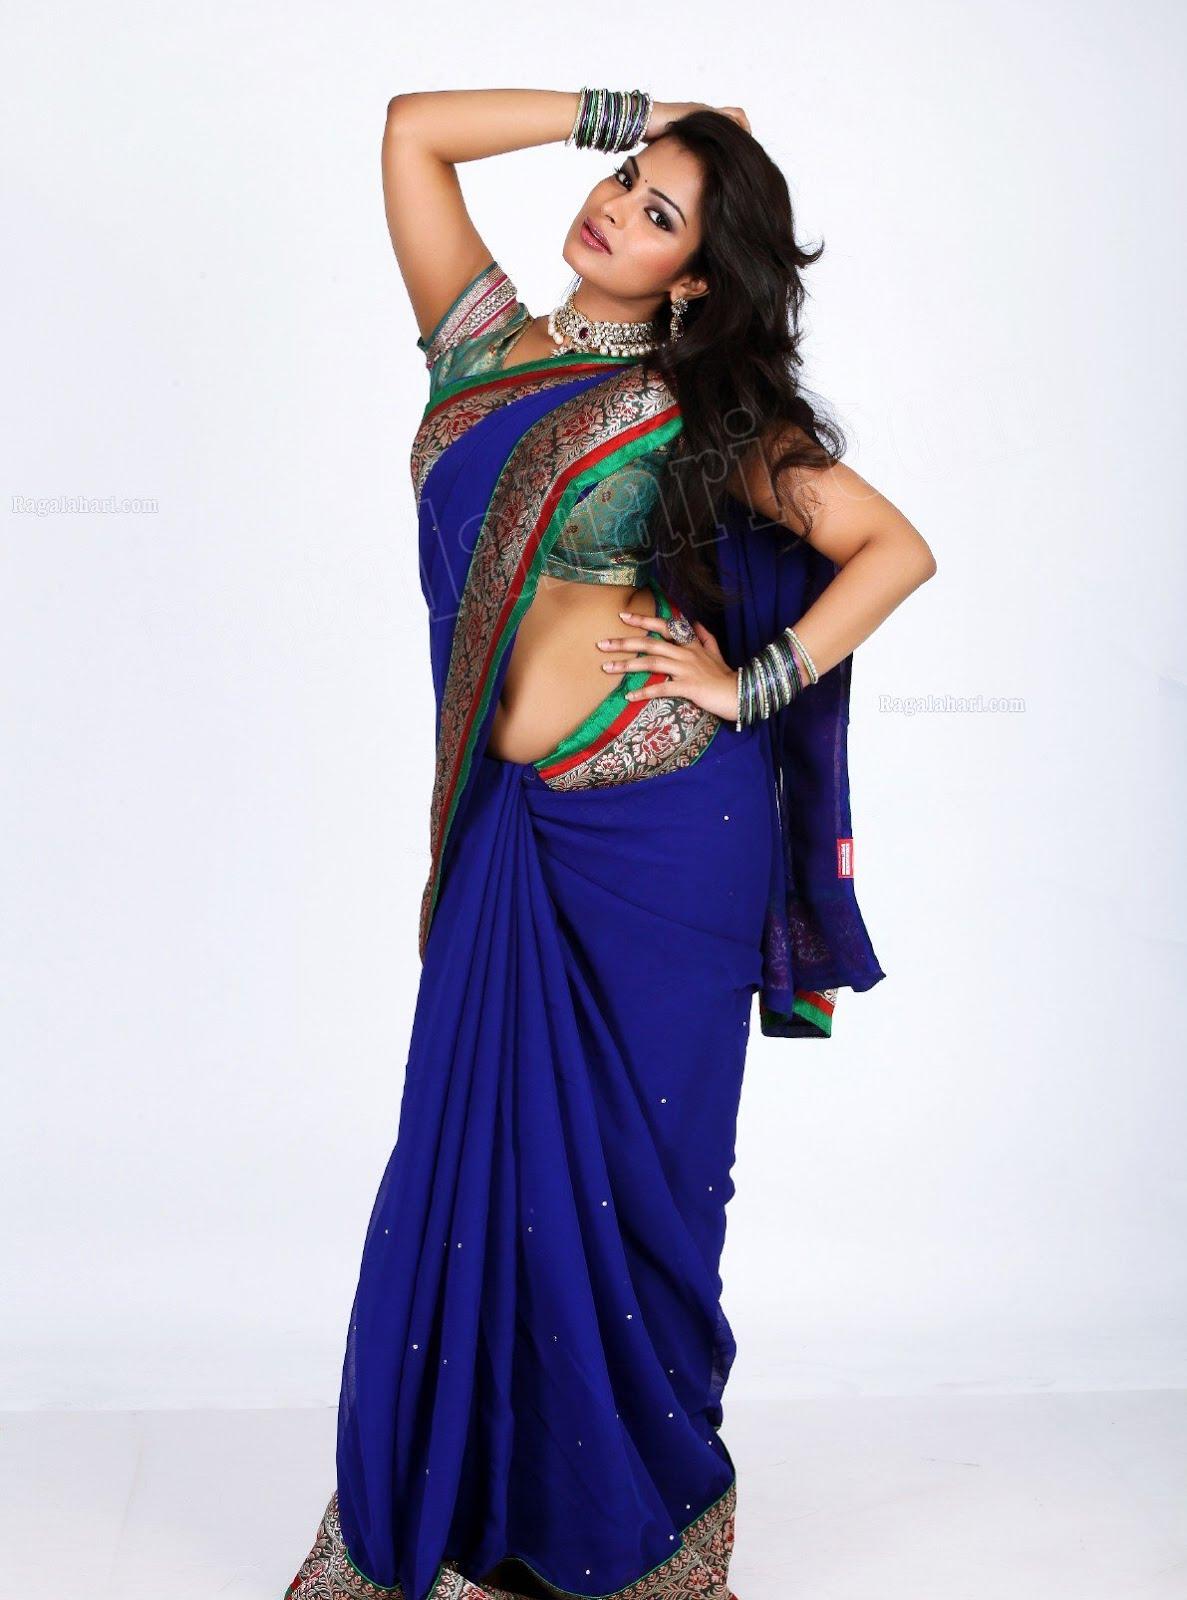 Hot Indian Actress Akanksha Mohan Hot Actress Sexy Curves -5309